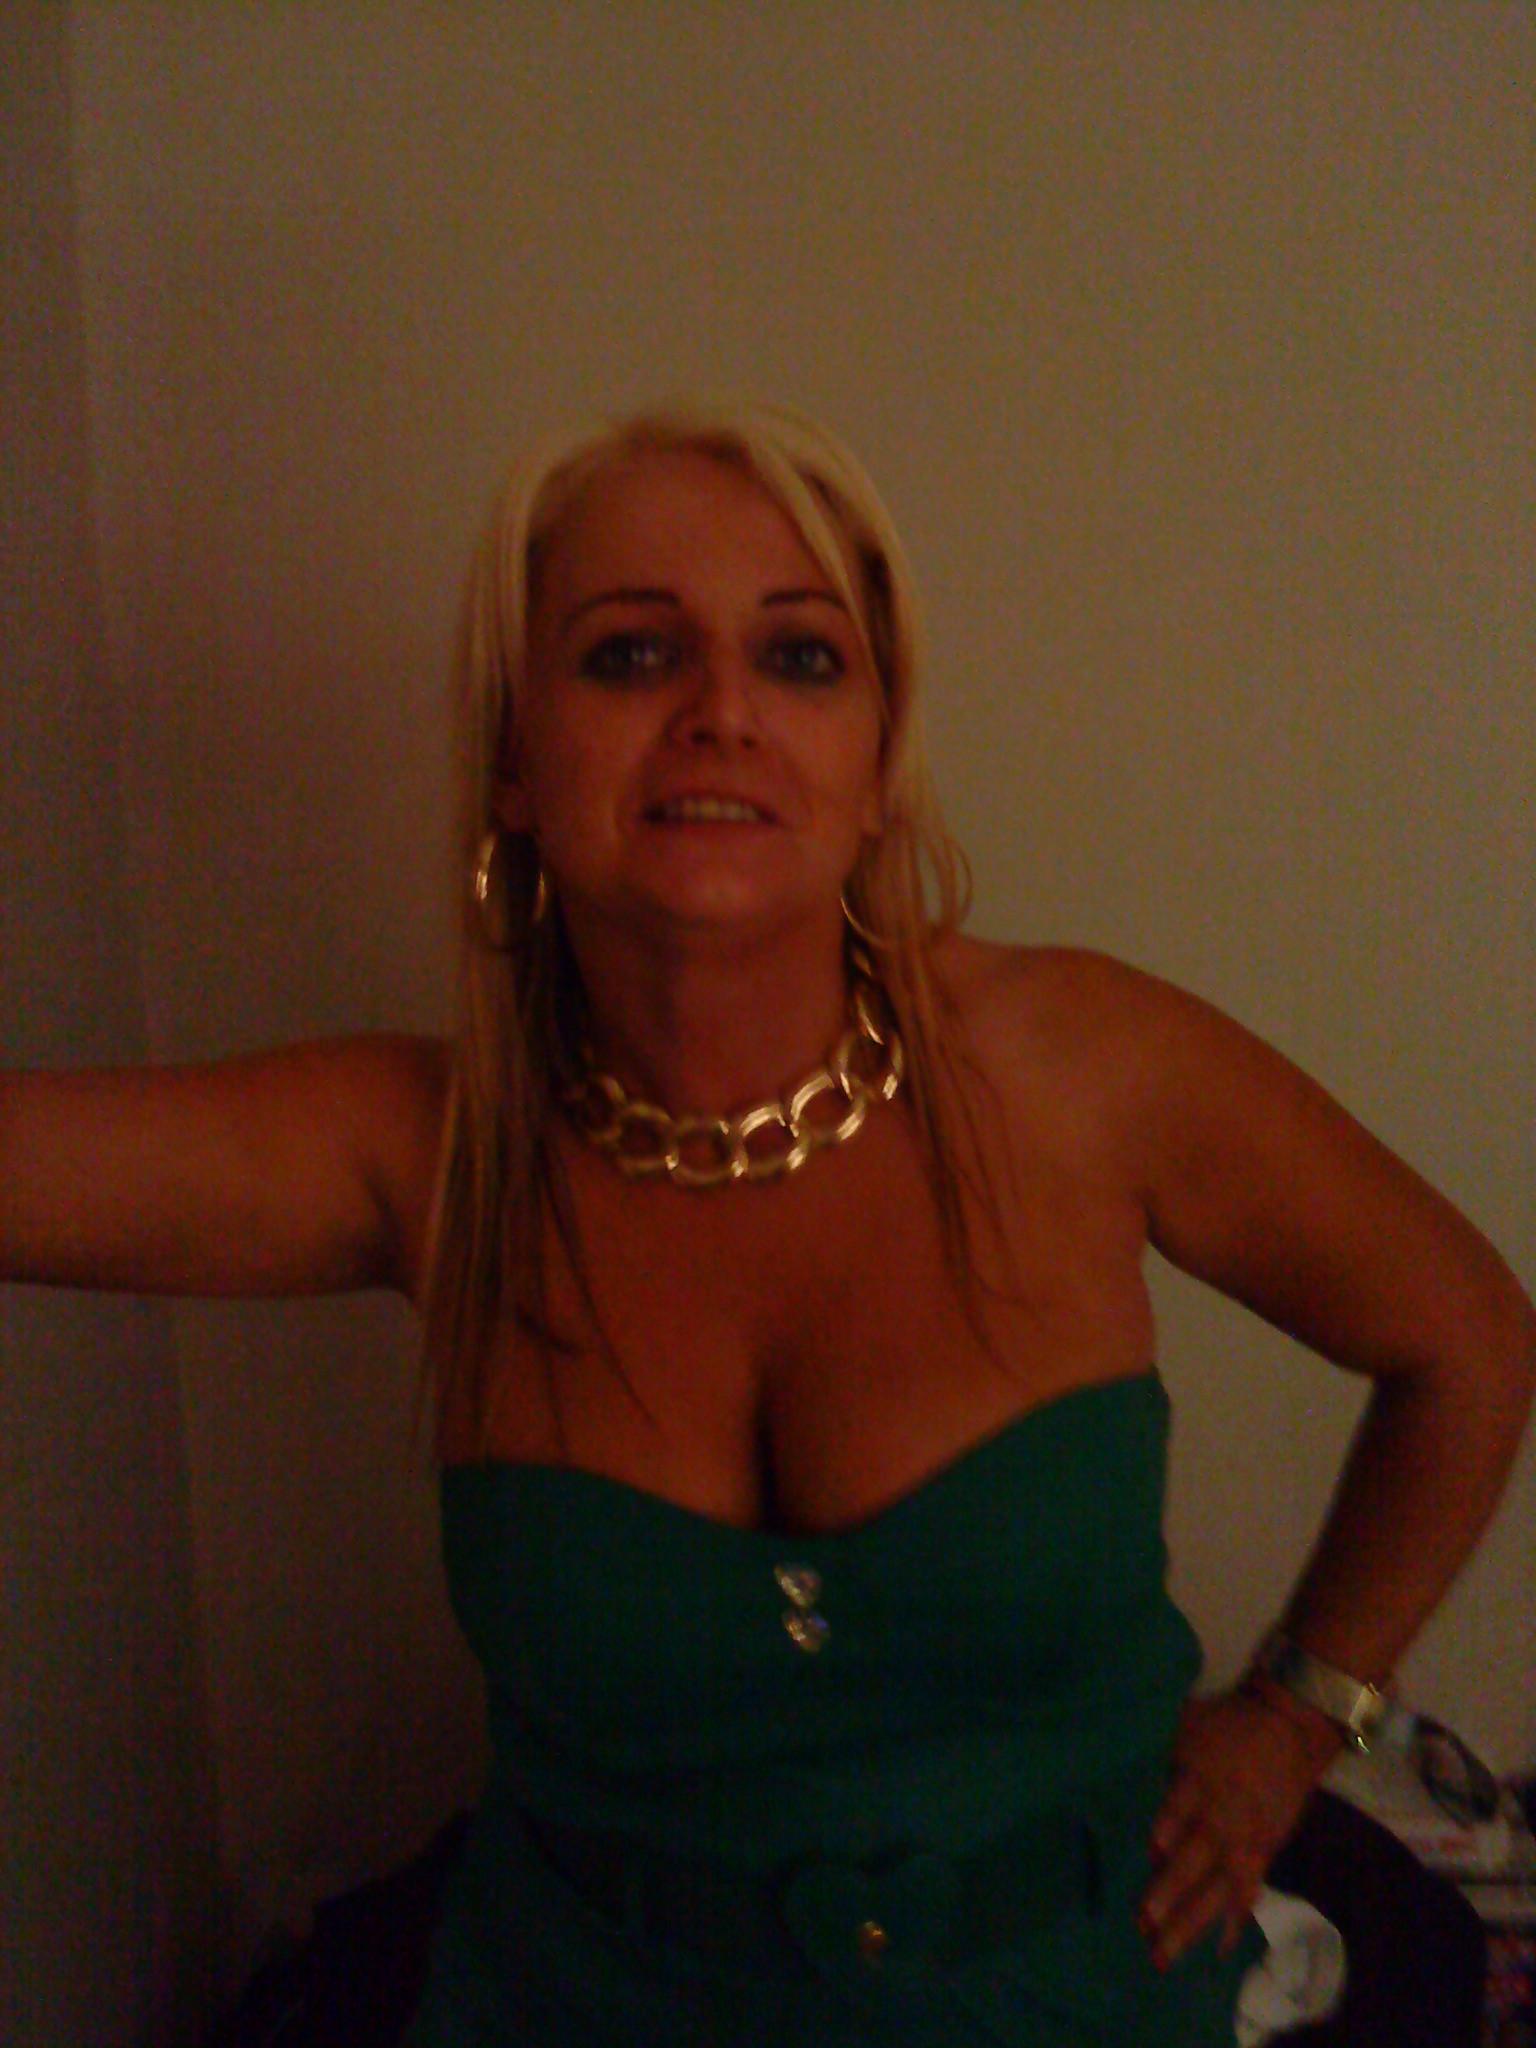 http www ts homo dating com escort tinasexy män med stora tuttar